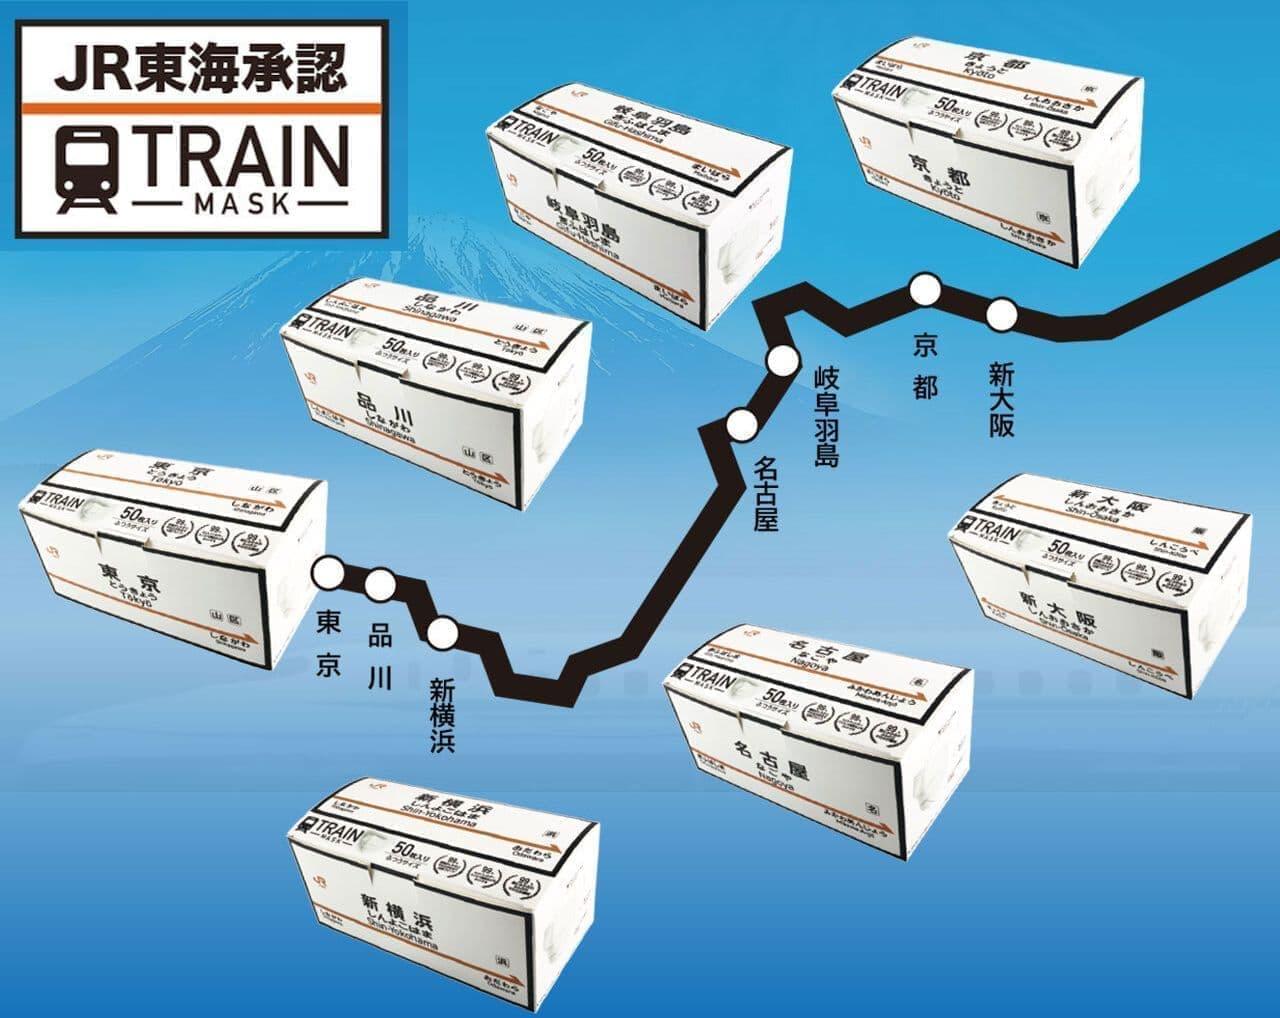 新幹線が好きな人向けのマスク パッケージに駅名標がデザインされた「JR東海駅名標シリーズ トレインマスク」